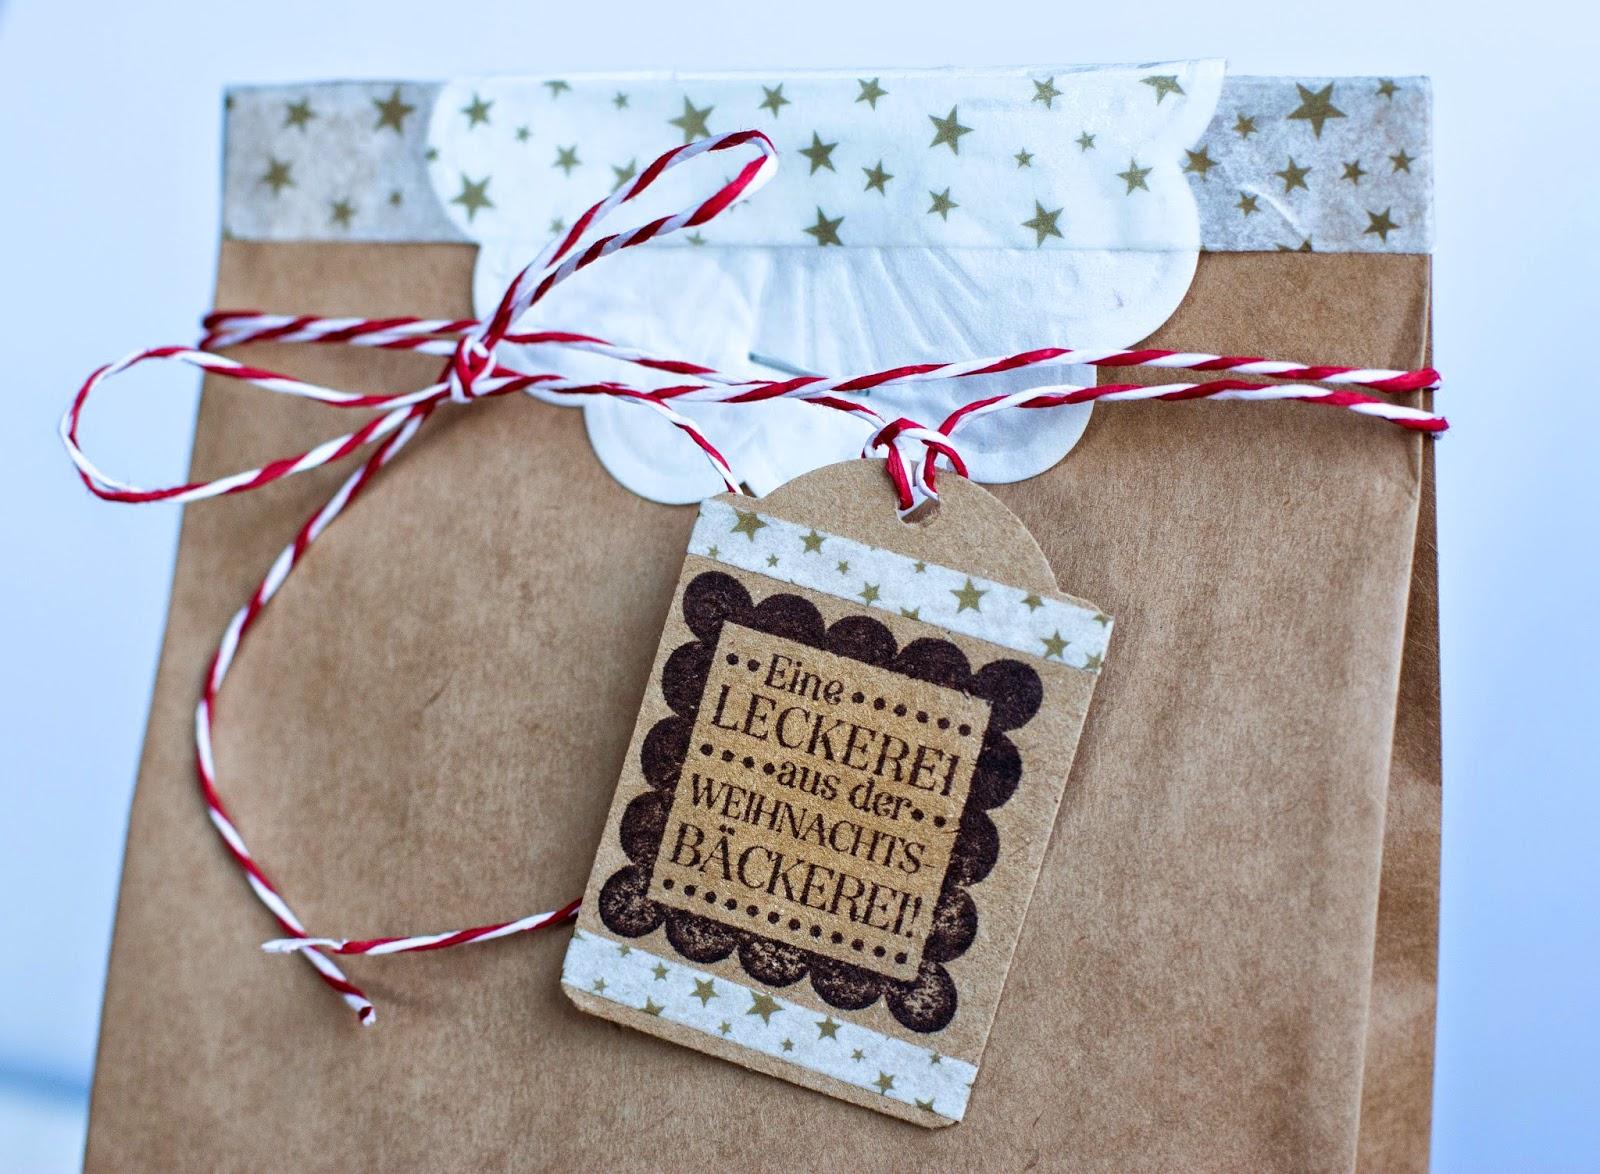 Stampin up, Cookies verpacken, Cookie Verpackung, Tüte, Stempel, stempeln, Weihnachtsbäckerei, Eine Leckerei, selber machen, basteln, Weihnachten